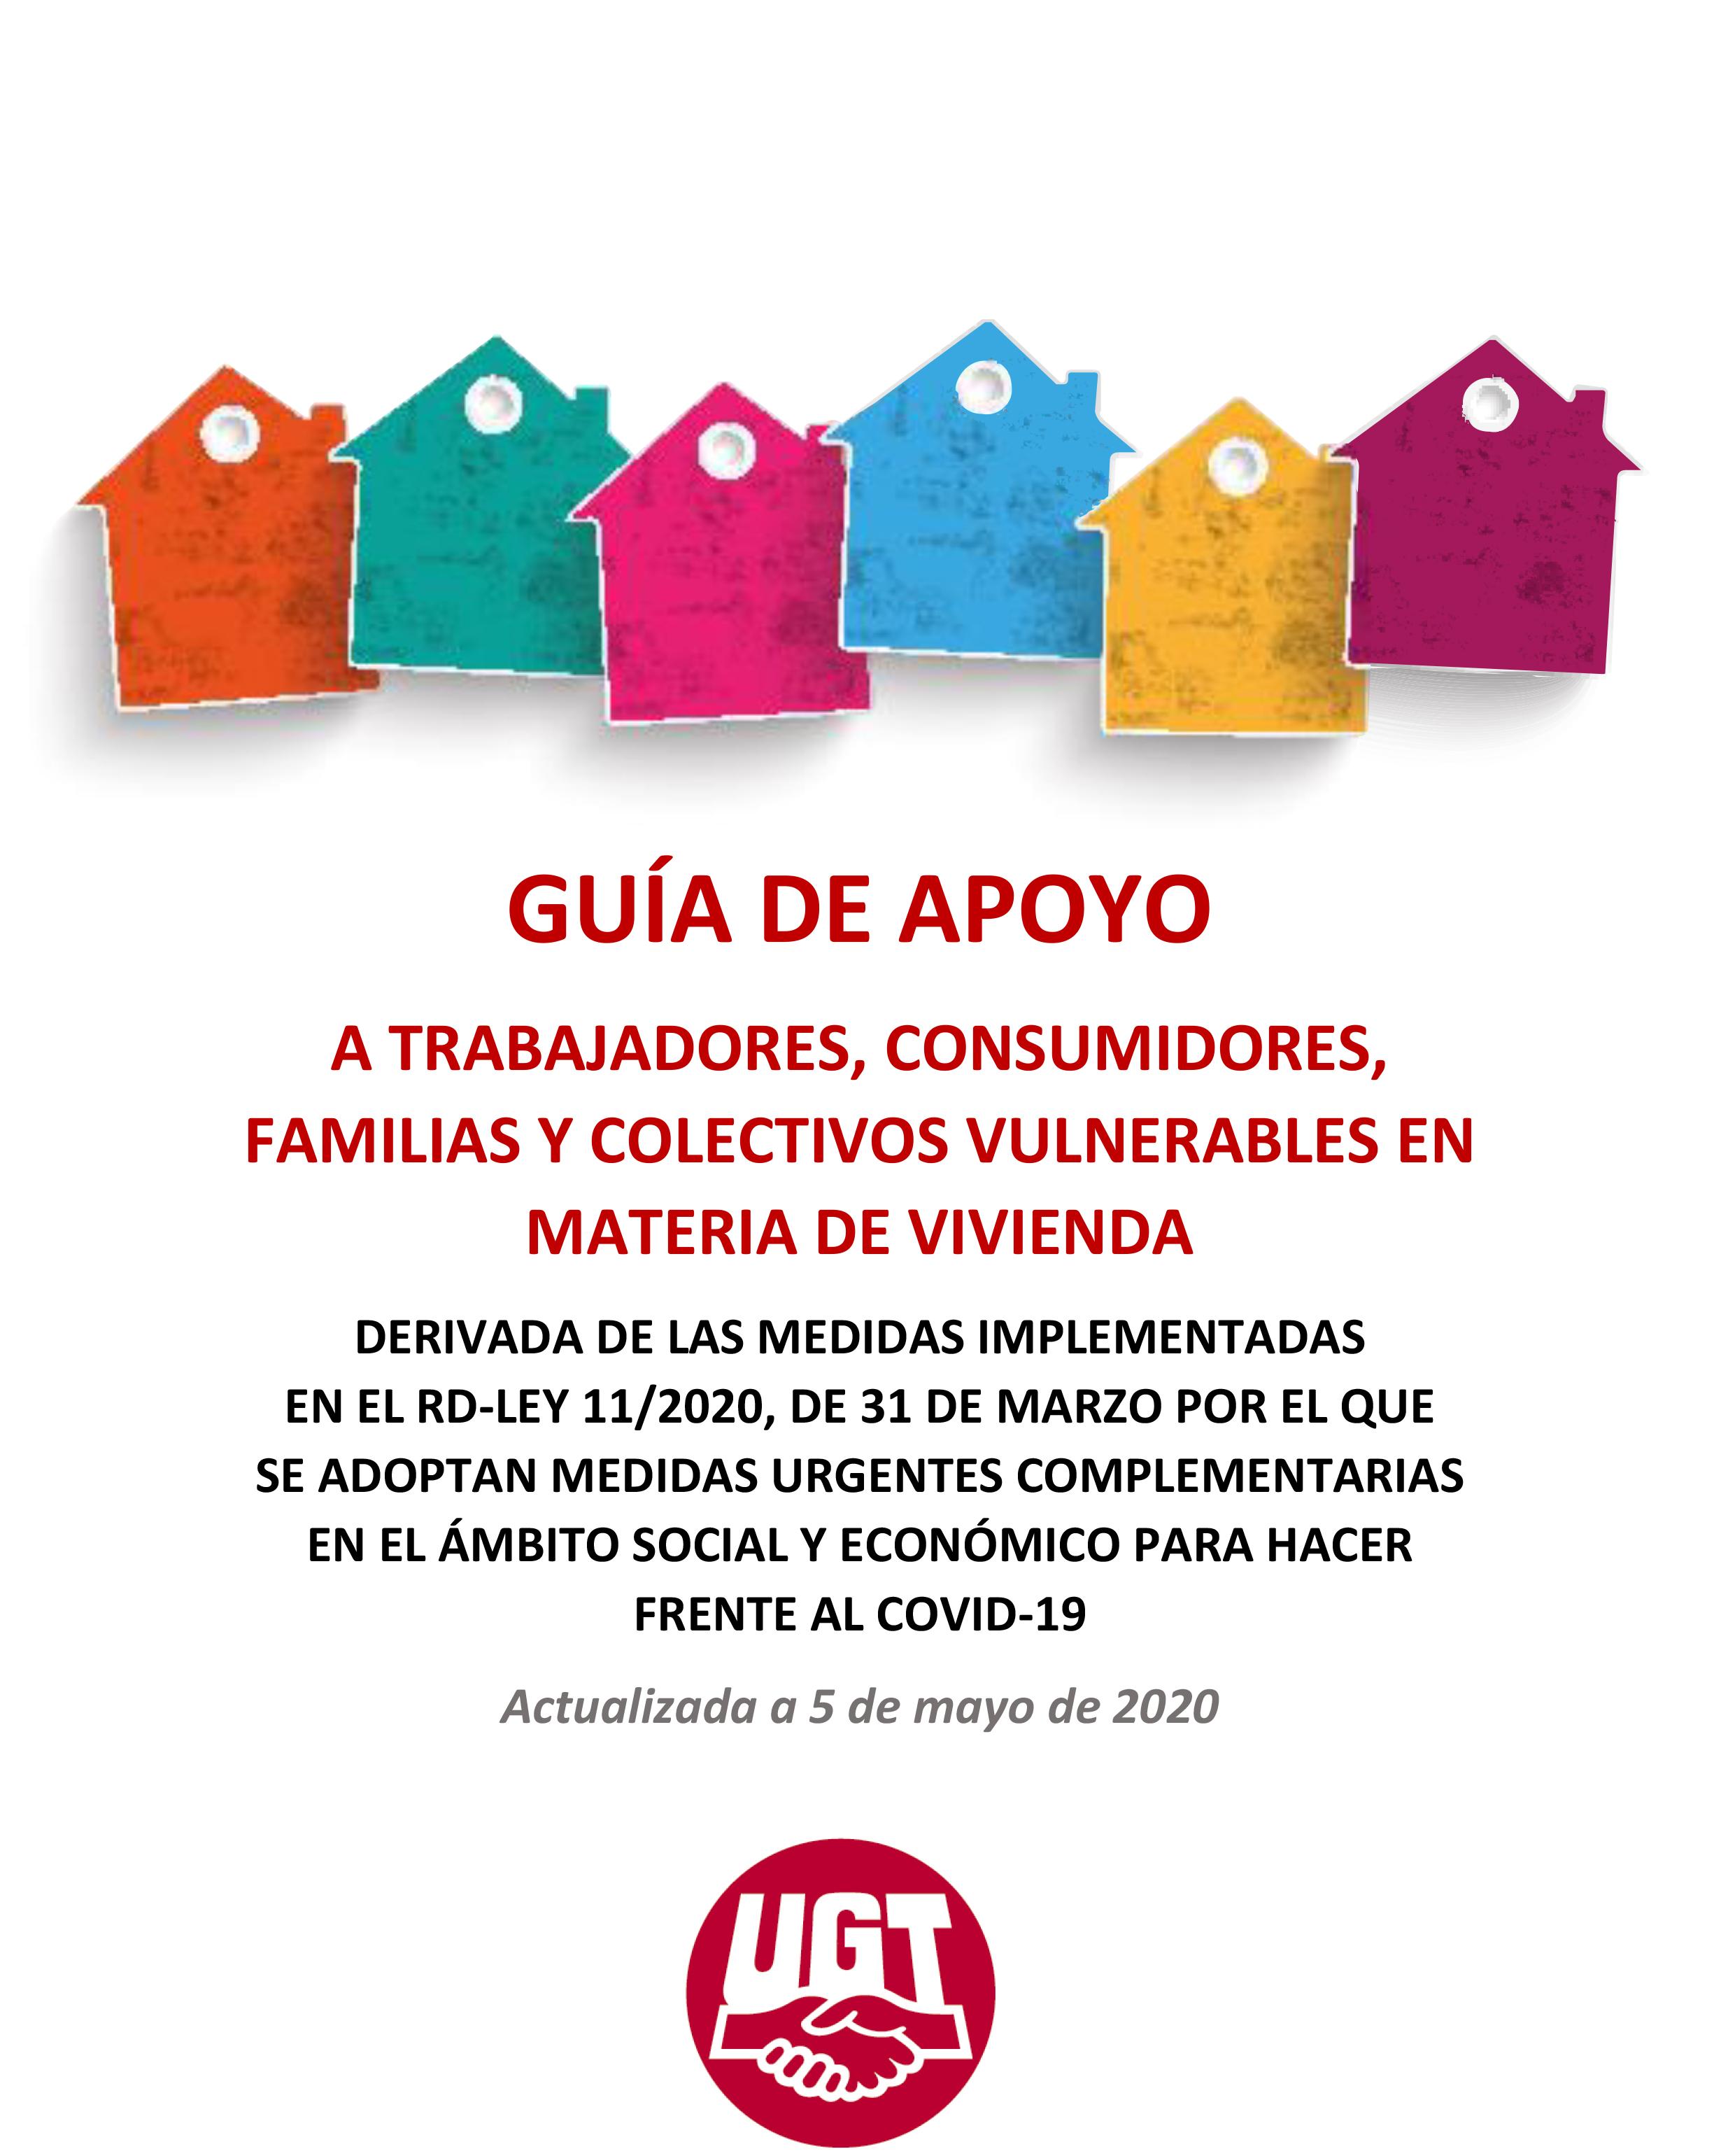 ACTUALIZADA A DIA 5 DE MAYO - GUÍA DE APOYO A TRABAJADORES, CONSUMIDORES, FAMILIAS Y COLECTIVOS VULNERABLES EN MATERIA DE VIVIENDA DERIVADA DE LAS MEDIDAS IMPLEMENTADAS EN EL RD-LEY 11/2020, DE 31 DE MARZO POR EL QUE SE ADOPTAN MEDIDAS URGENTES COMPLEMENTARIAS EN EL ÁMBITO SOCIAL Y ECONÓMICO PARA HACER FRENTE AL COVID-19